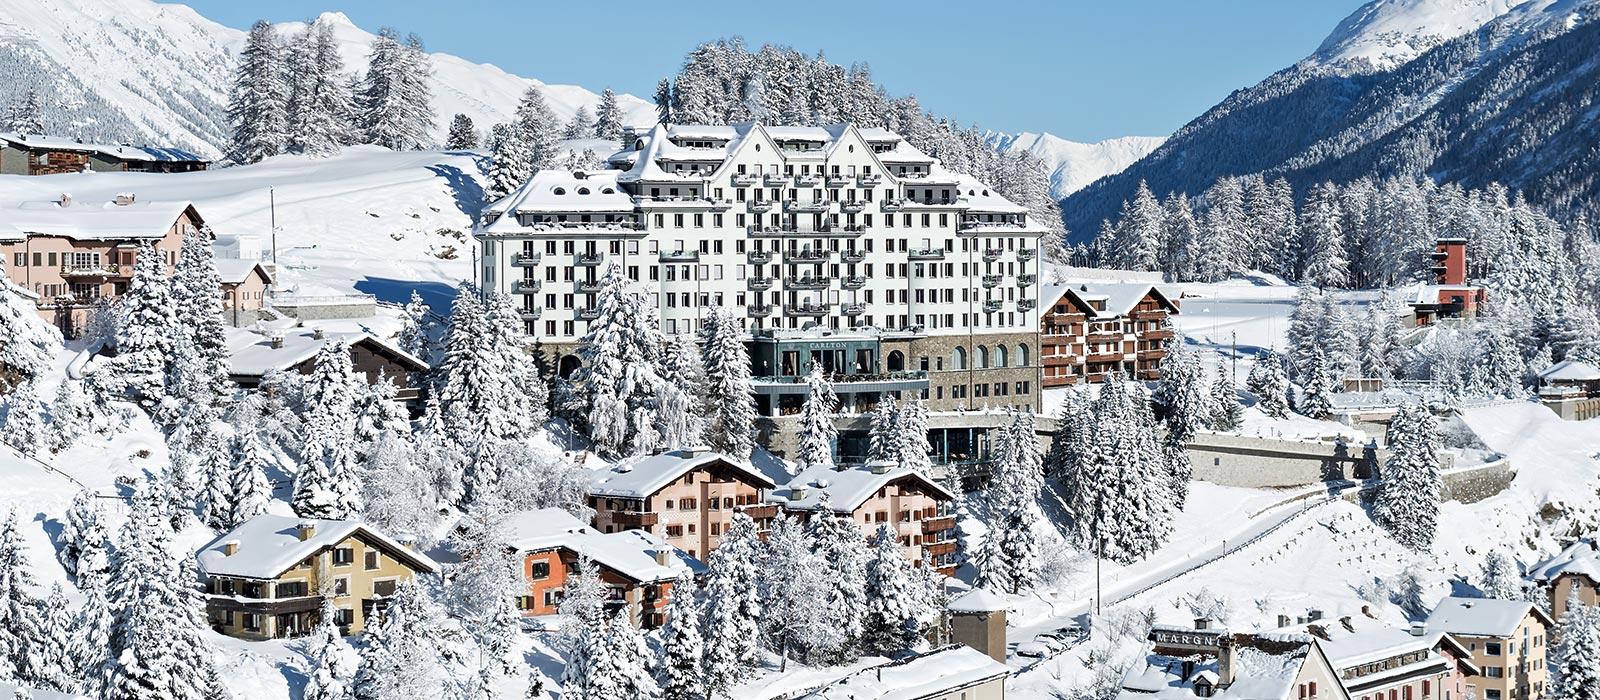 Hotel St Moritz Luxury Switzerland 5 Star Hotels Suisse Boutique Luxushotel Luxushotels Etoiles